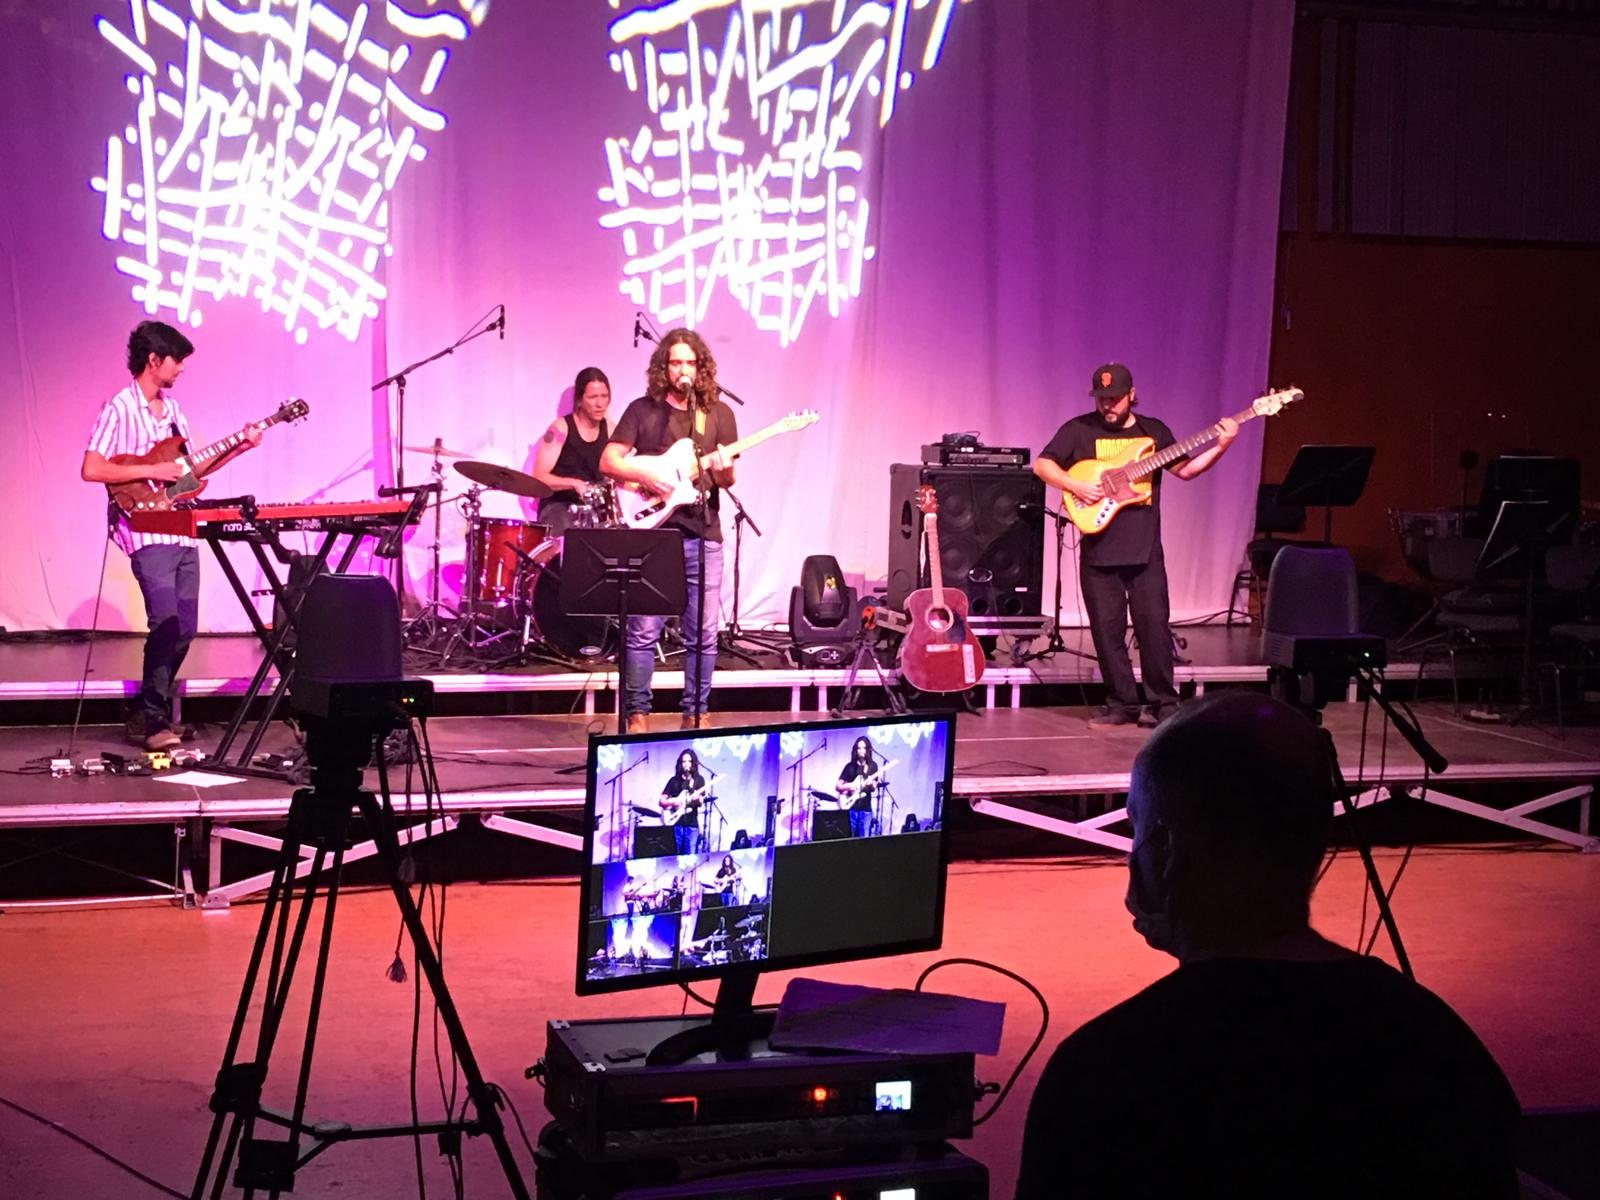 Gran Canaria, fibra sonora inicia sus sesiones de grabación